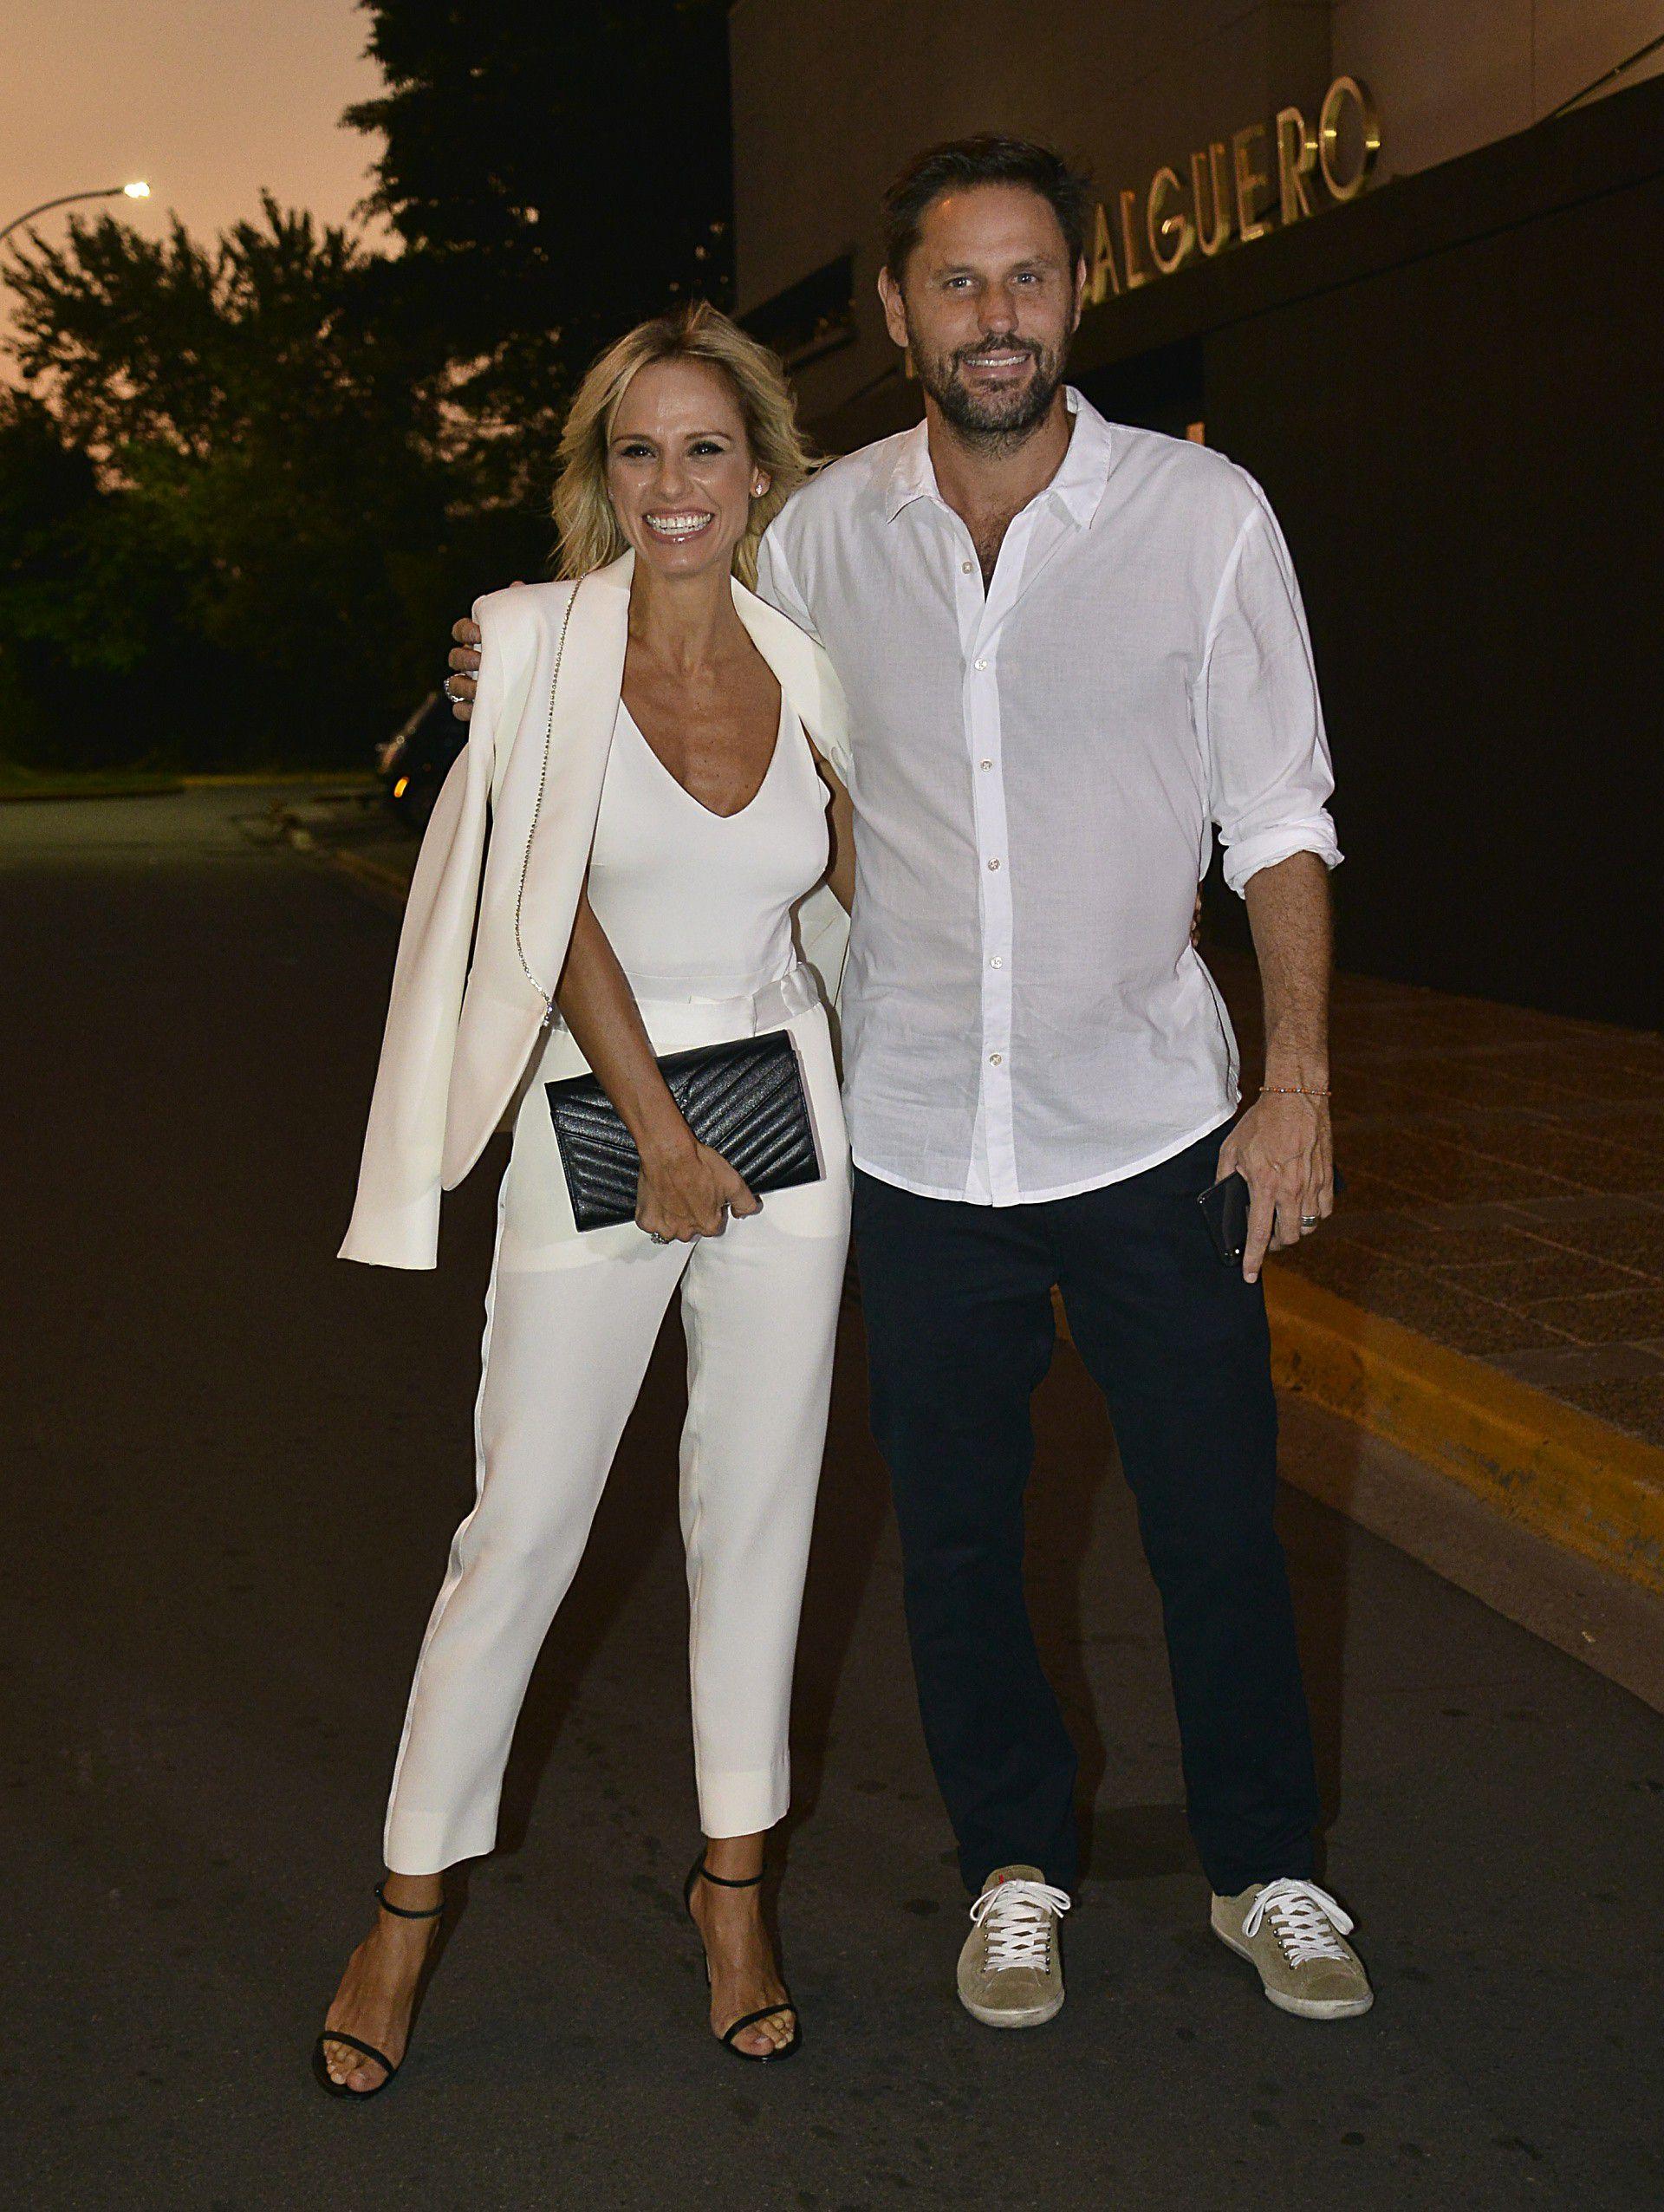 Mariana Fabbiani y su marido Mariano Chihade cumplieron con la indicación de ir vestidos de blanco